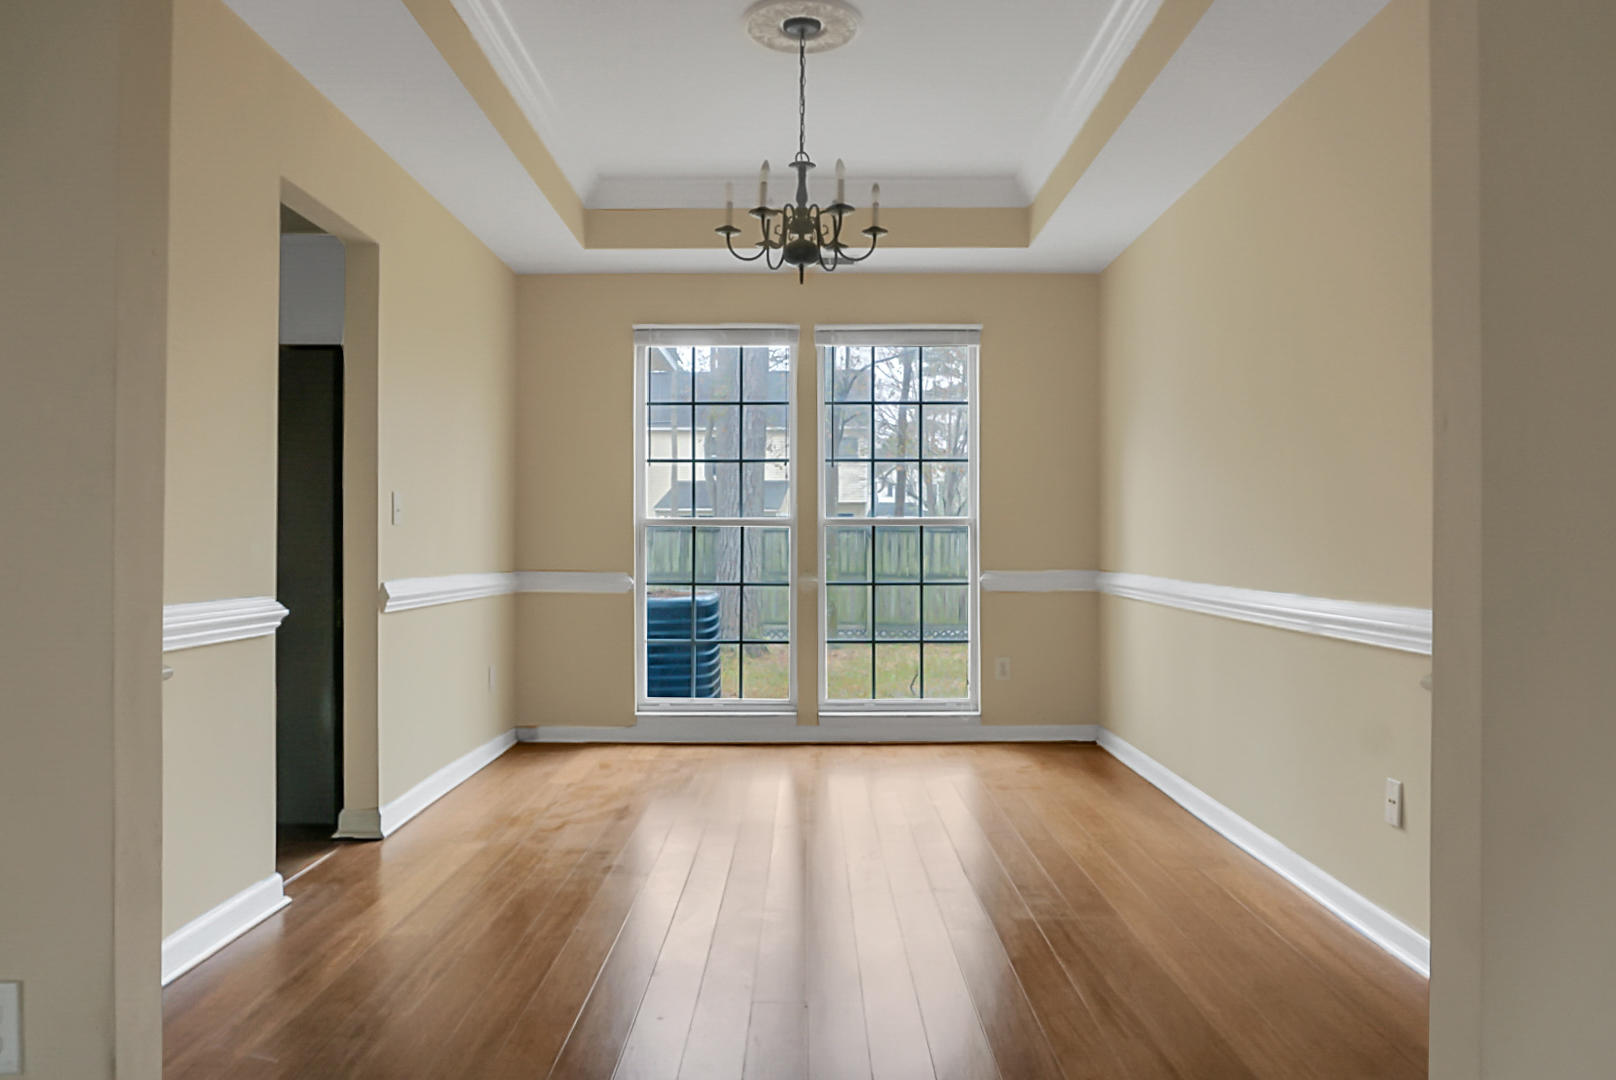 Dunes West Homes For Sale - 3209 Carmel Bay, Mount Pleasant, SC - 20